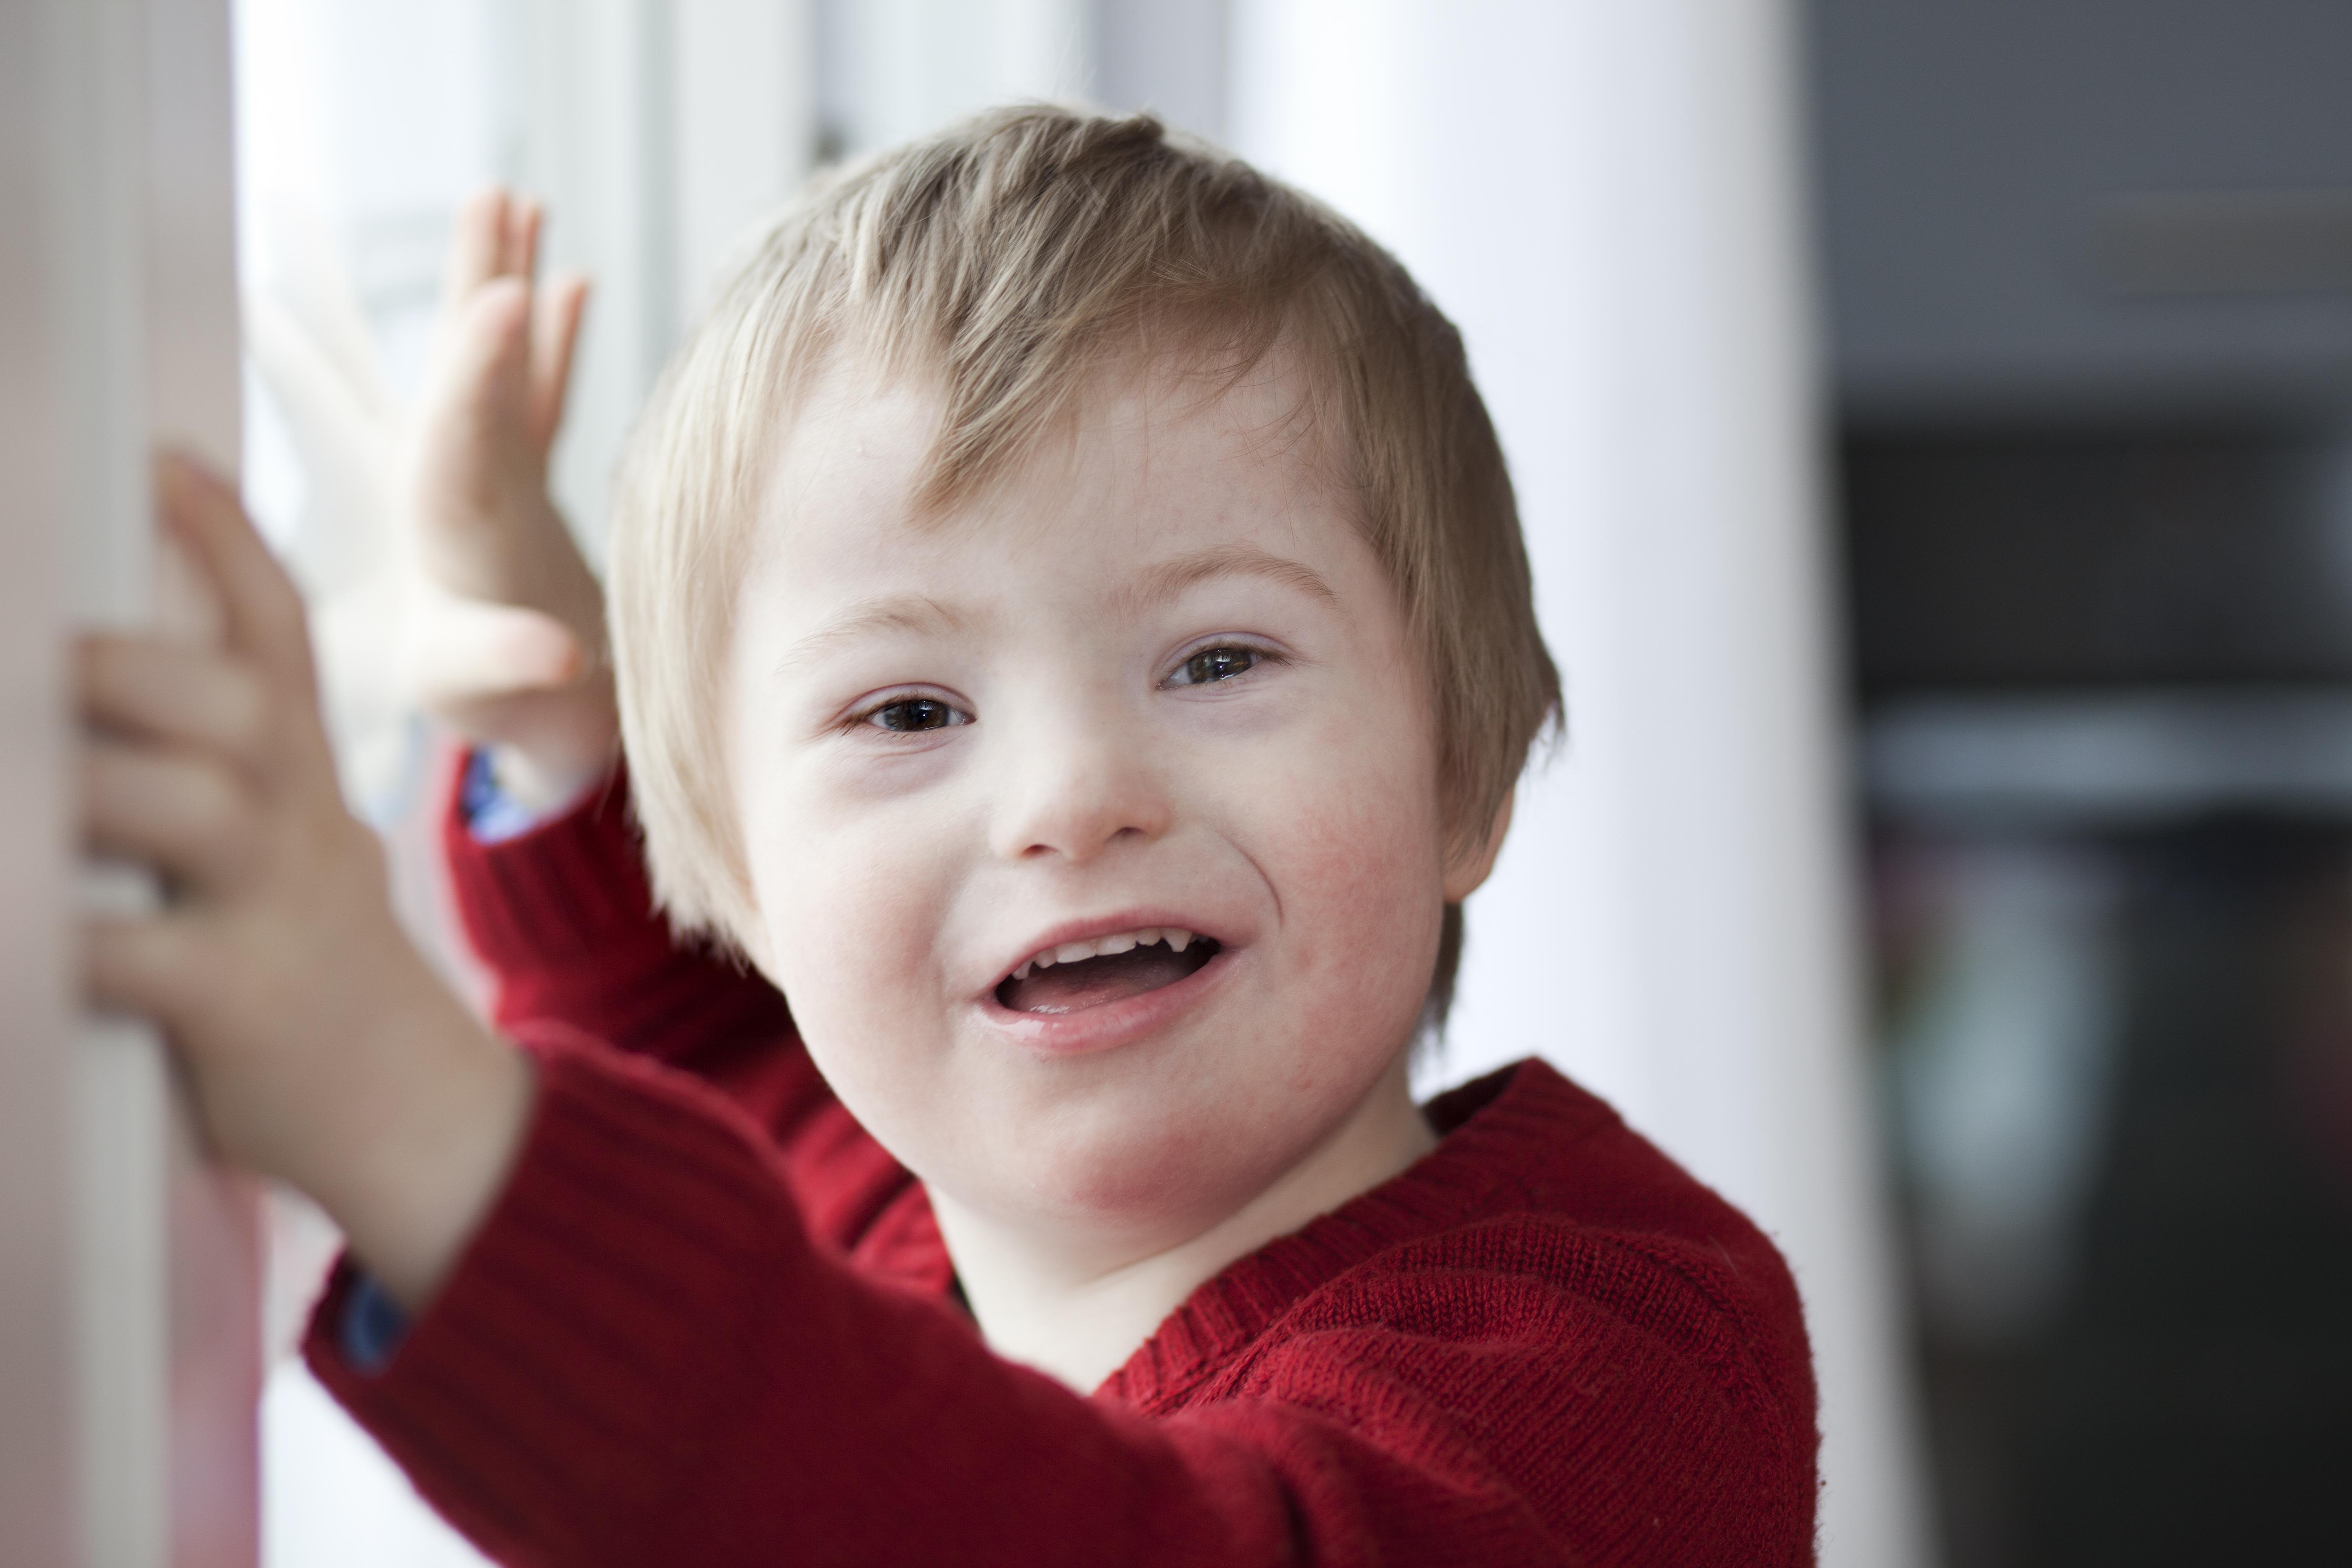 Trisomie 21 gehört auf die Liste der Geburtsgebrechen ...